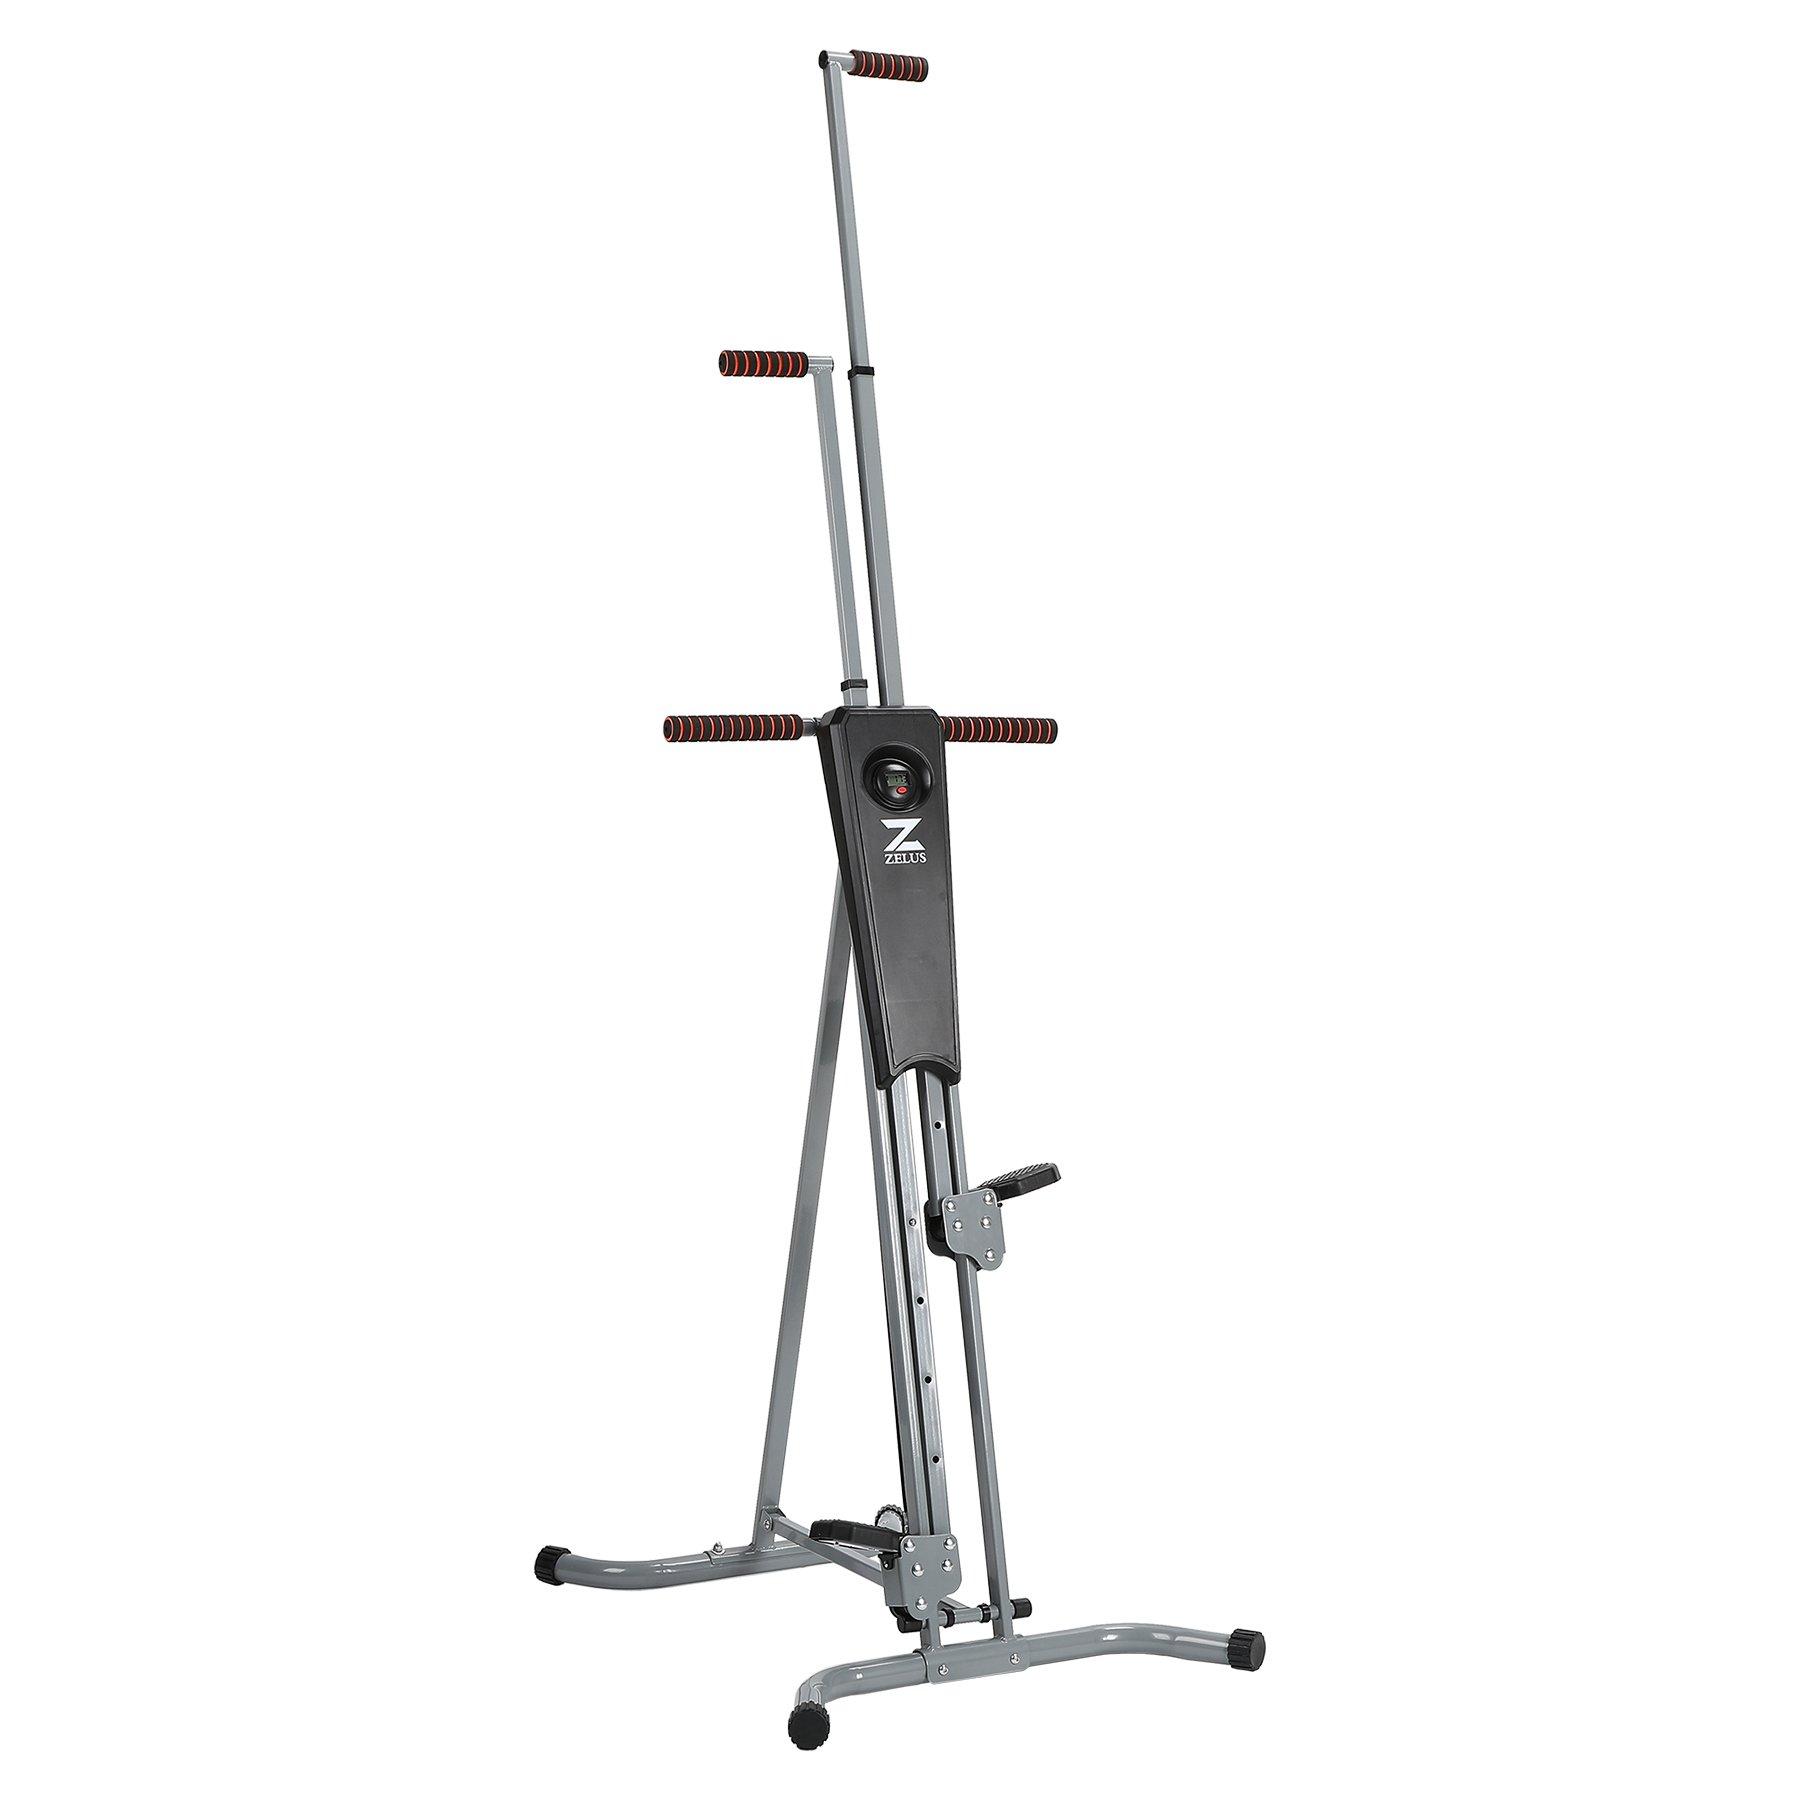 ZELUS Vertical Climber Machine Fitness Climbing Equipment for Home Gym Step Climber Exercise Machine